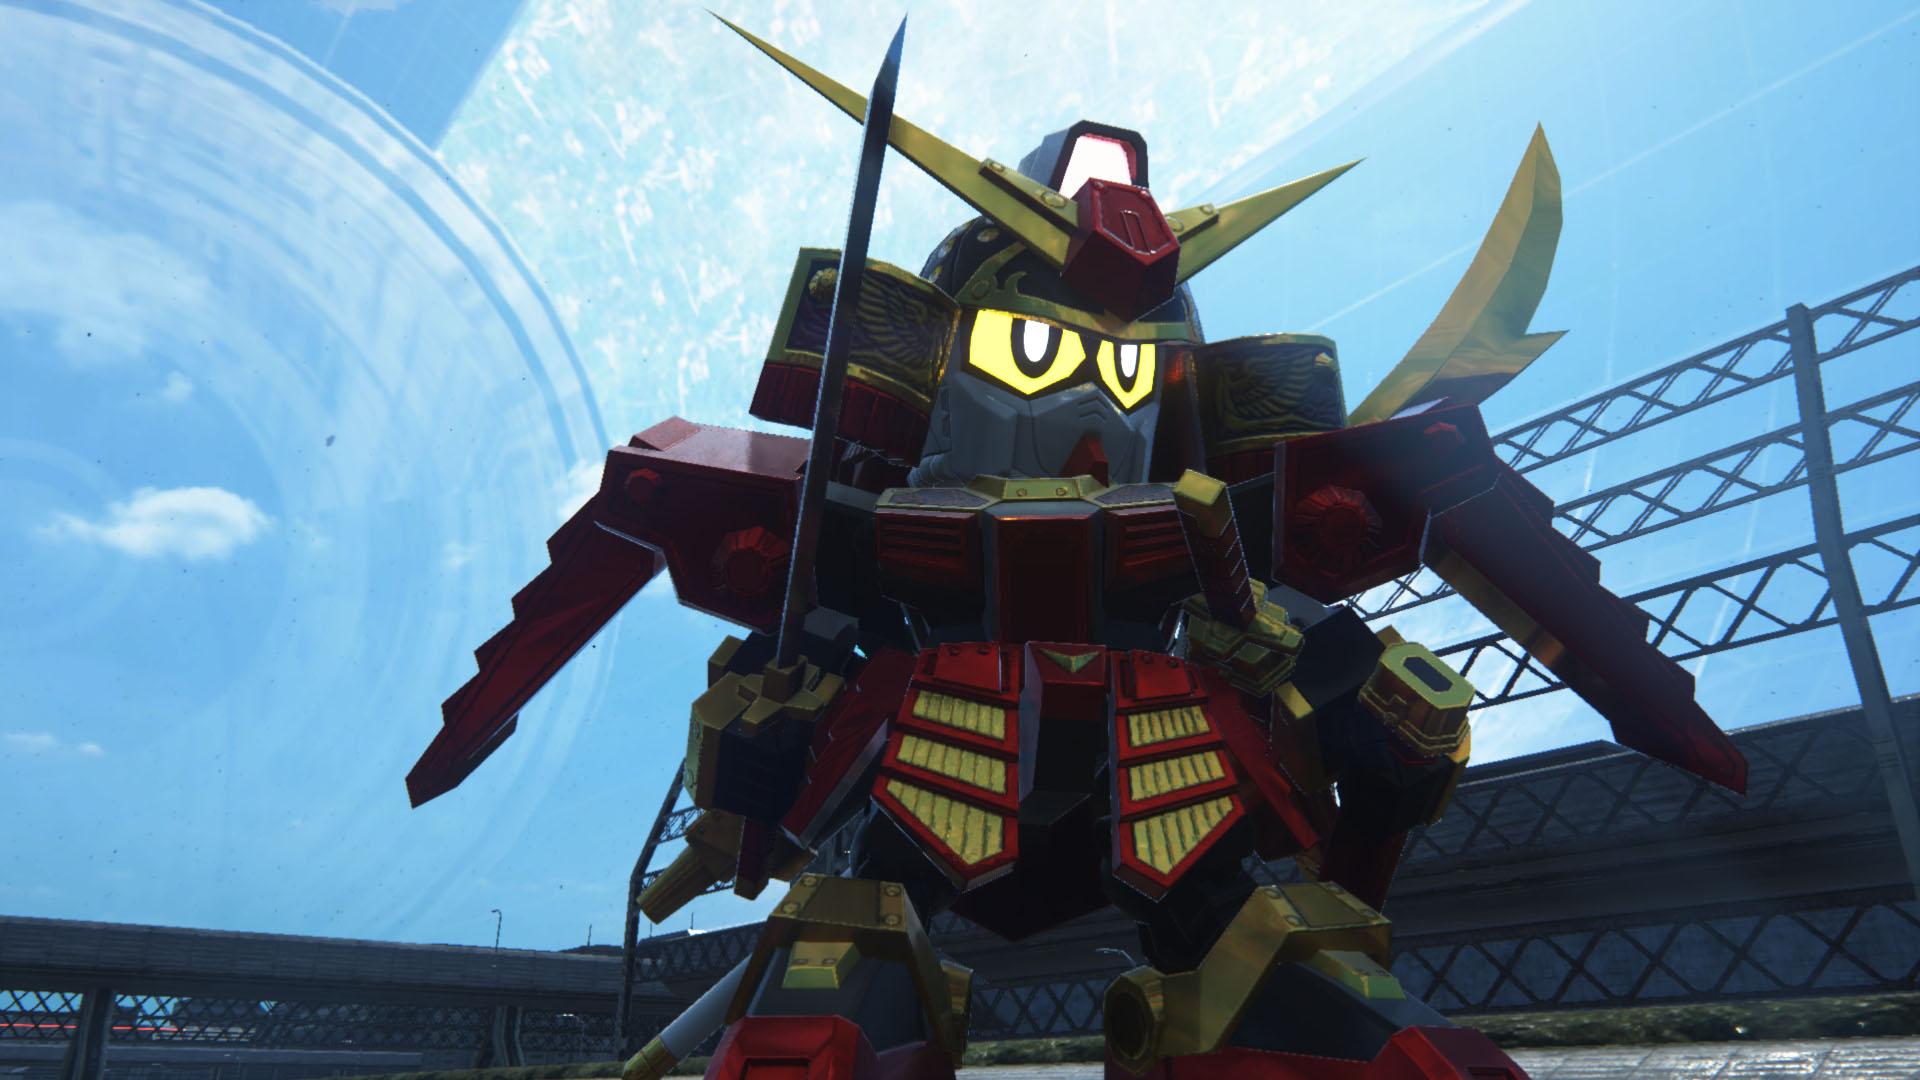 真紅の甲冑に身を包んだ正義の武者。携えた薙刀から放たれる「散雷日輪斬」は太陽のような輝きを放つ